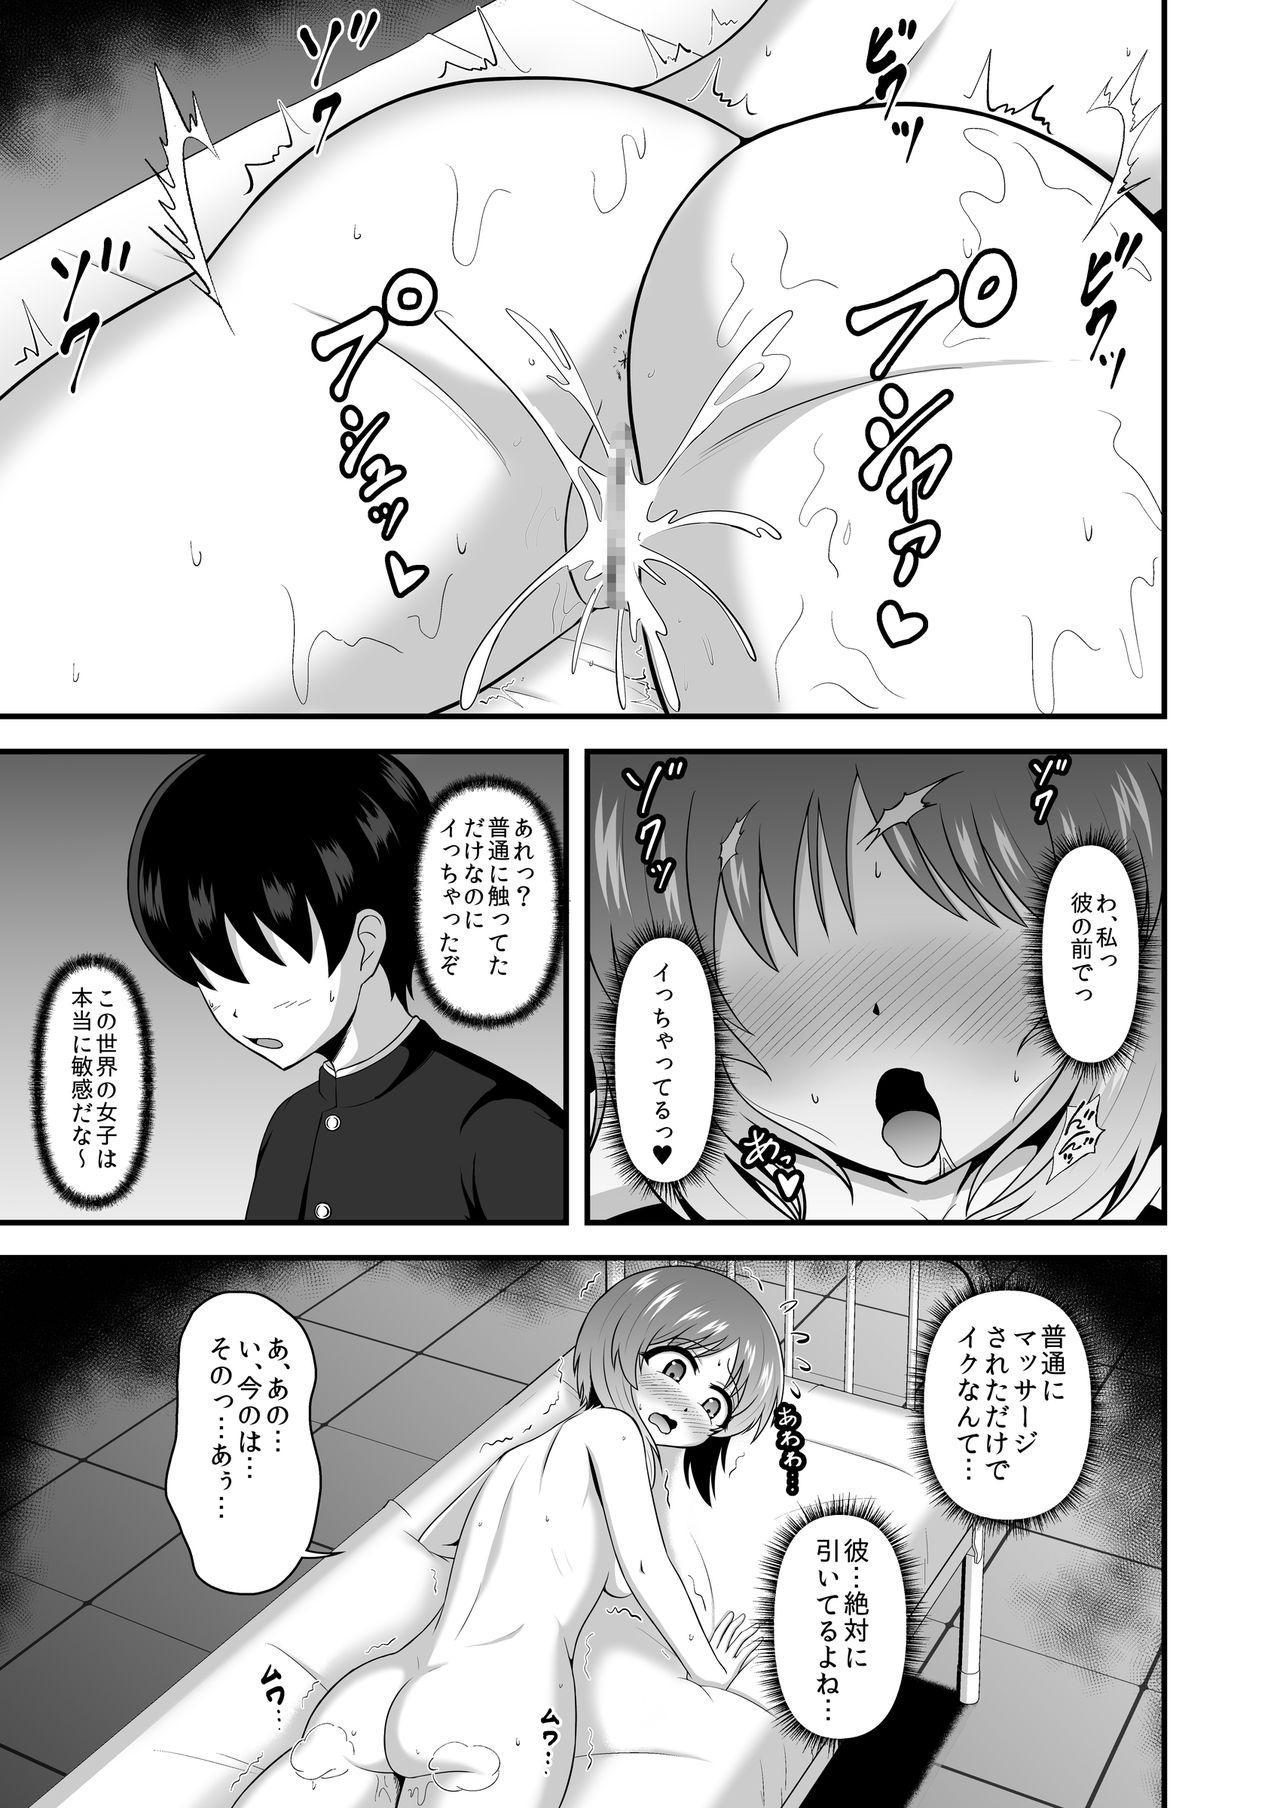 Teisou Gyakuten Abekobe Banashi 3 11